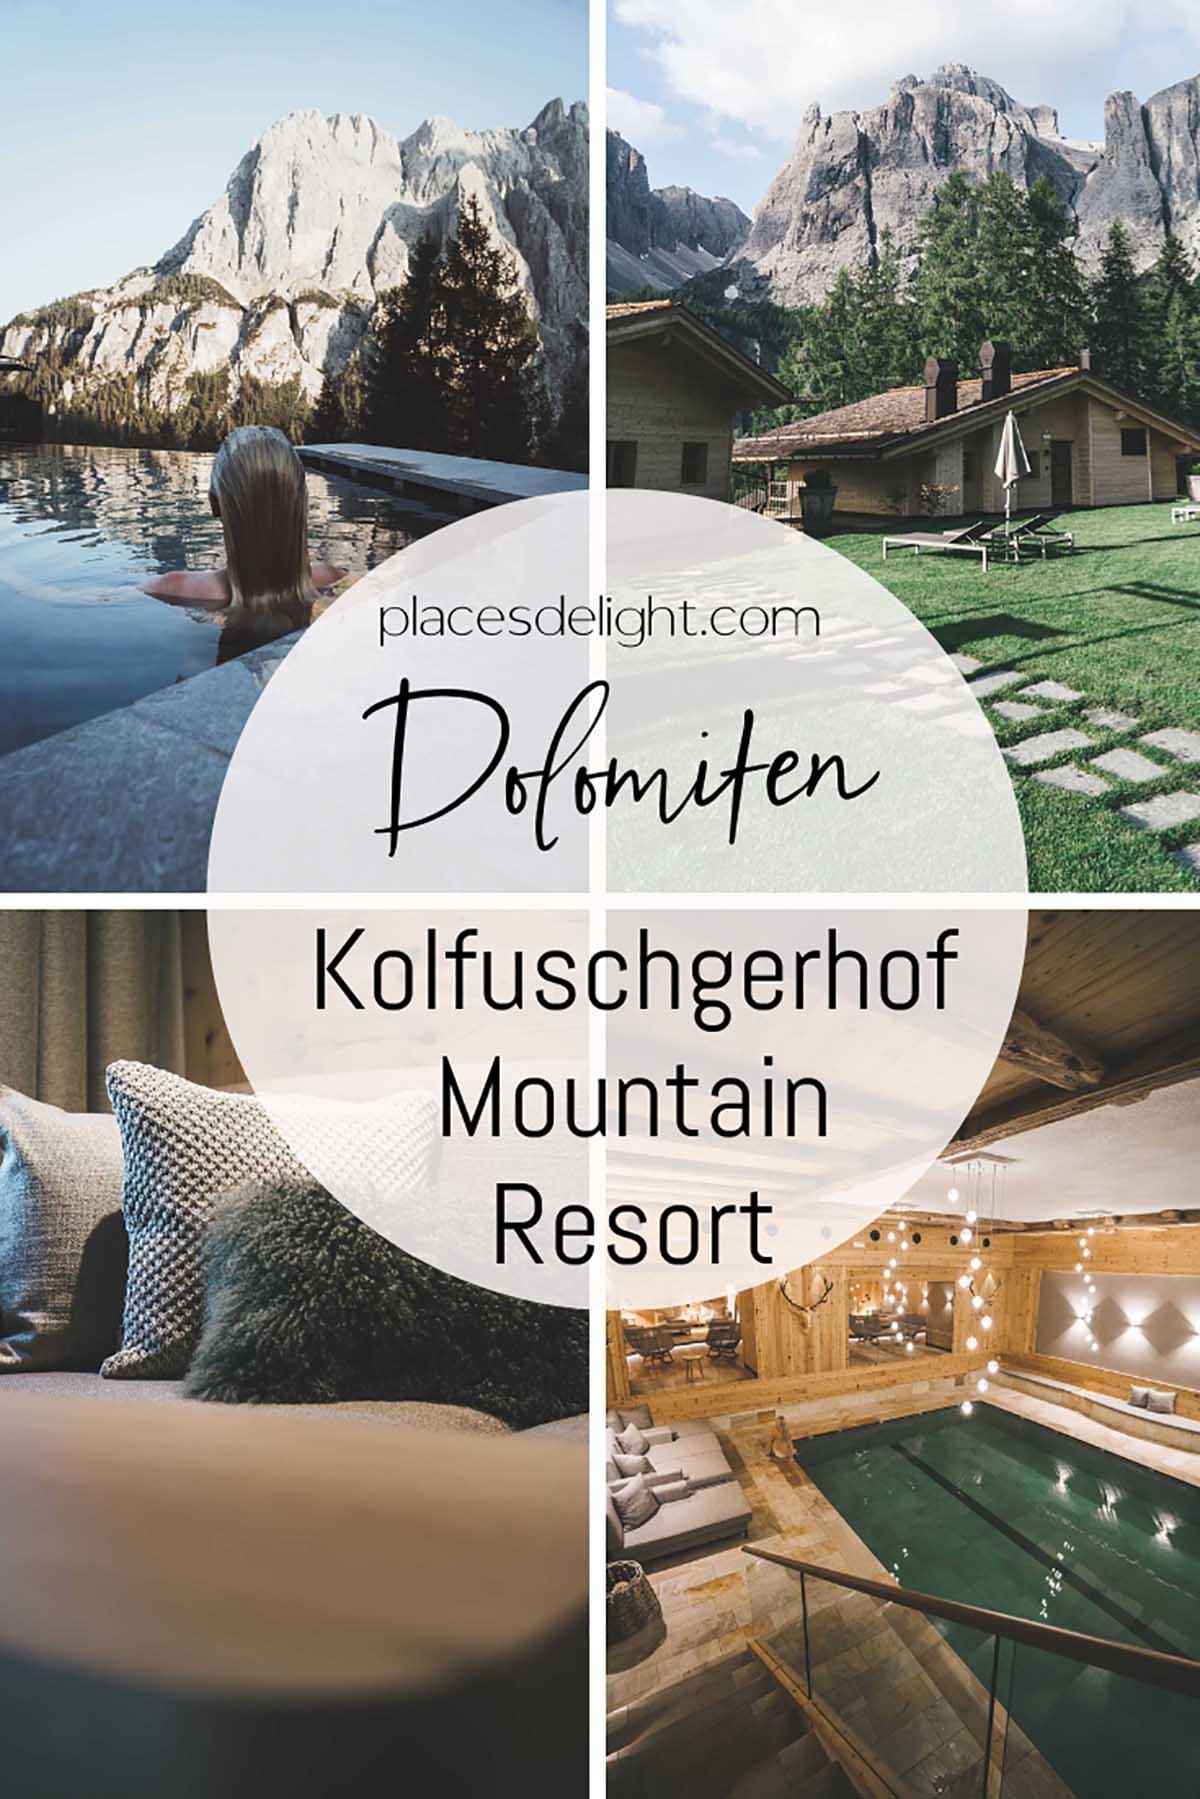 placesdelight-mountain-resort-kolfuschgerhof-dolomiten